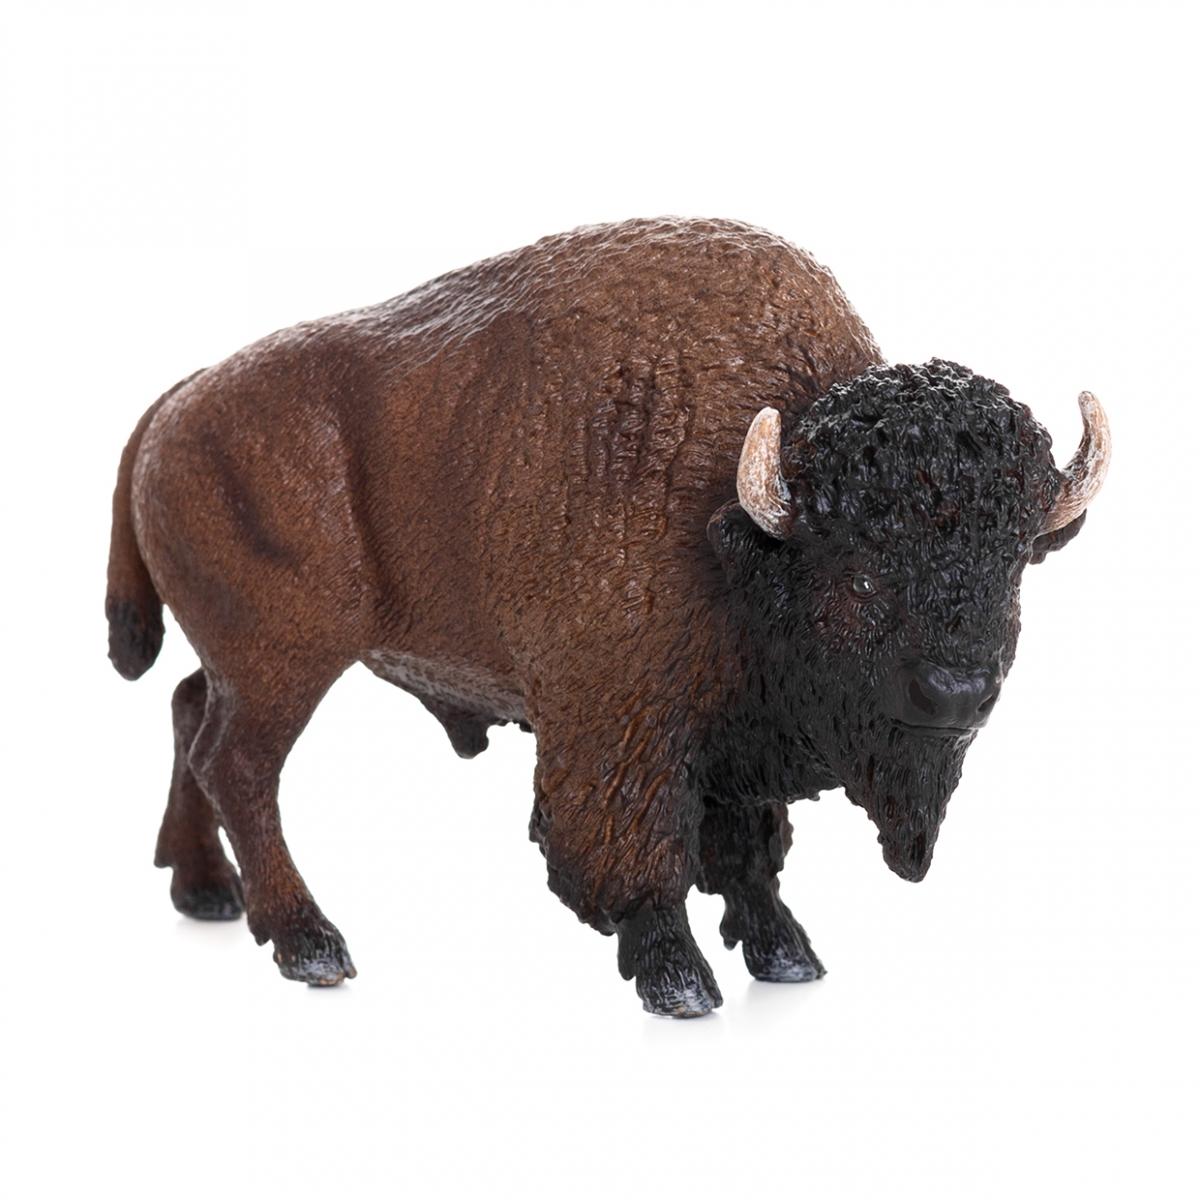 Imagen de un bisonte